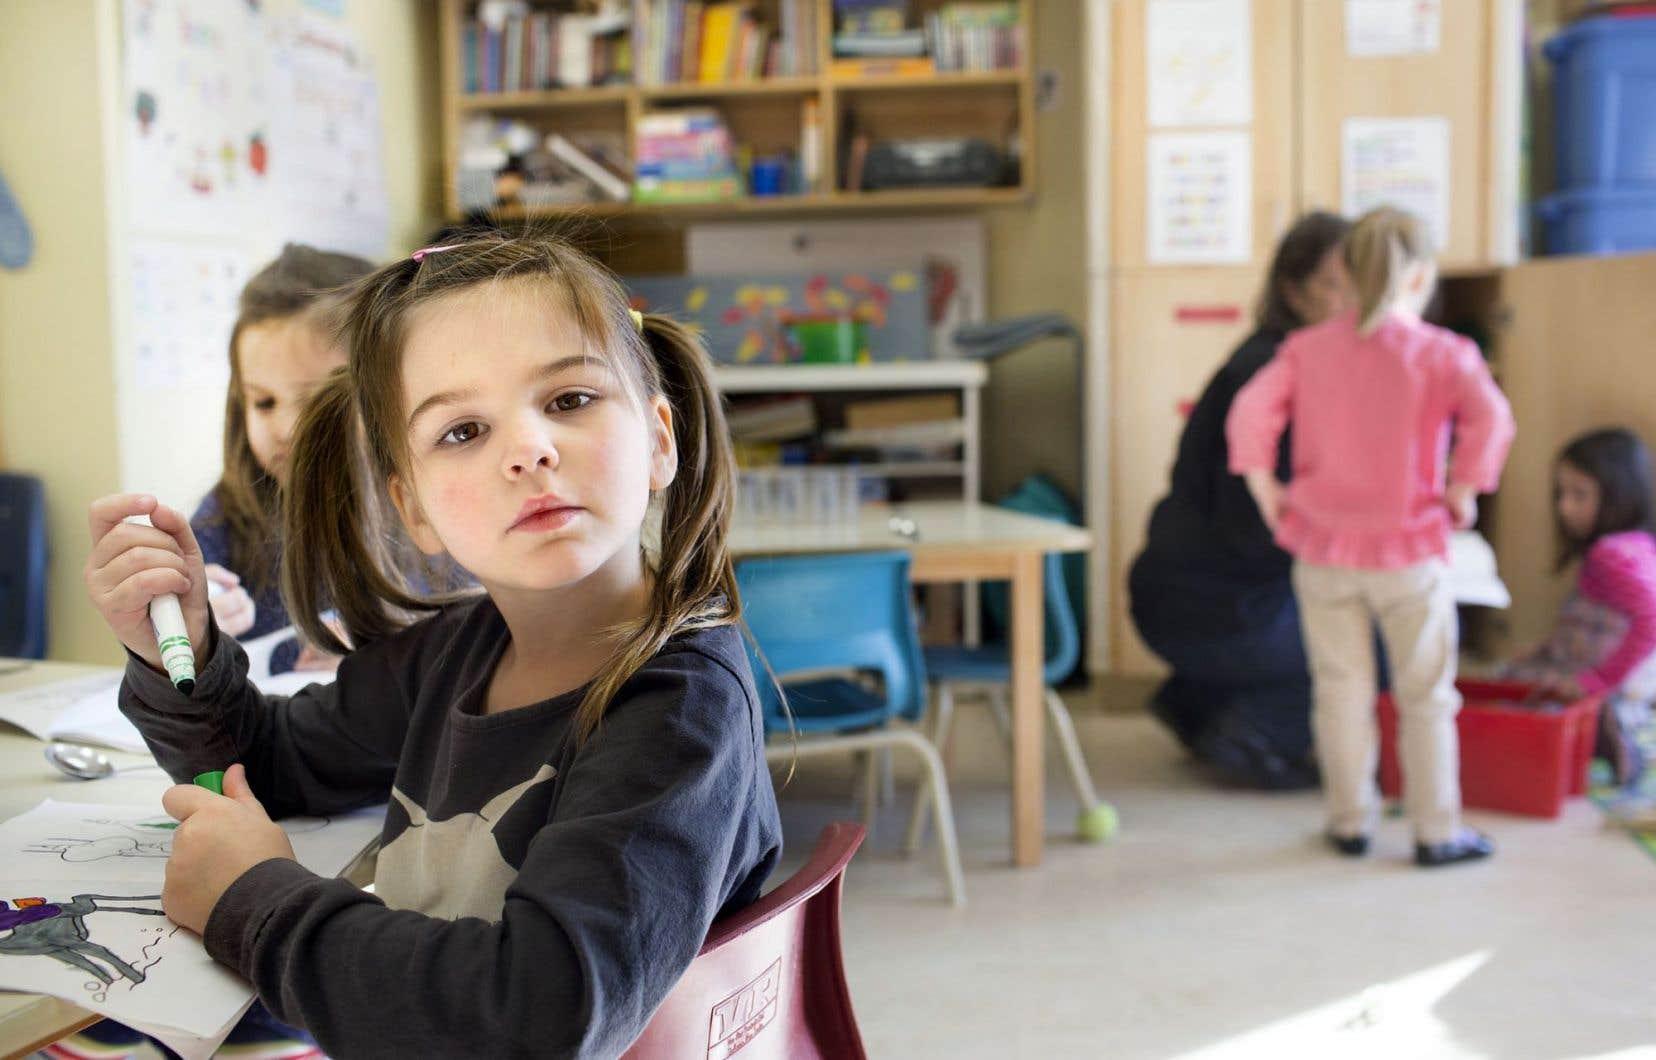 Le CSF croit qu'un plus grand nombre de places servirait entre autres à régler le problème des «enfants fantômes».